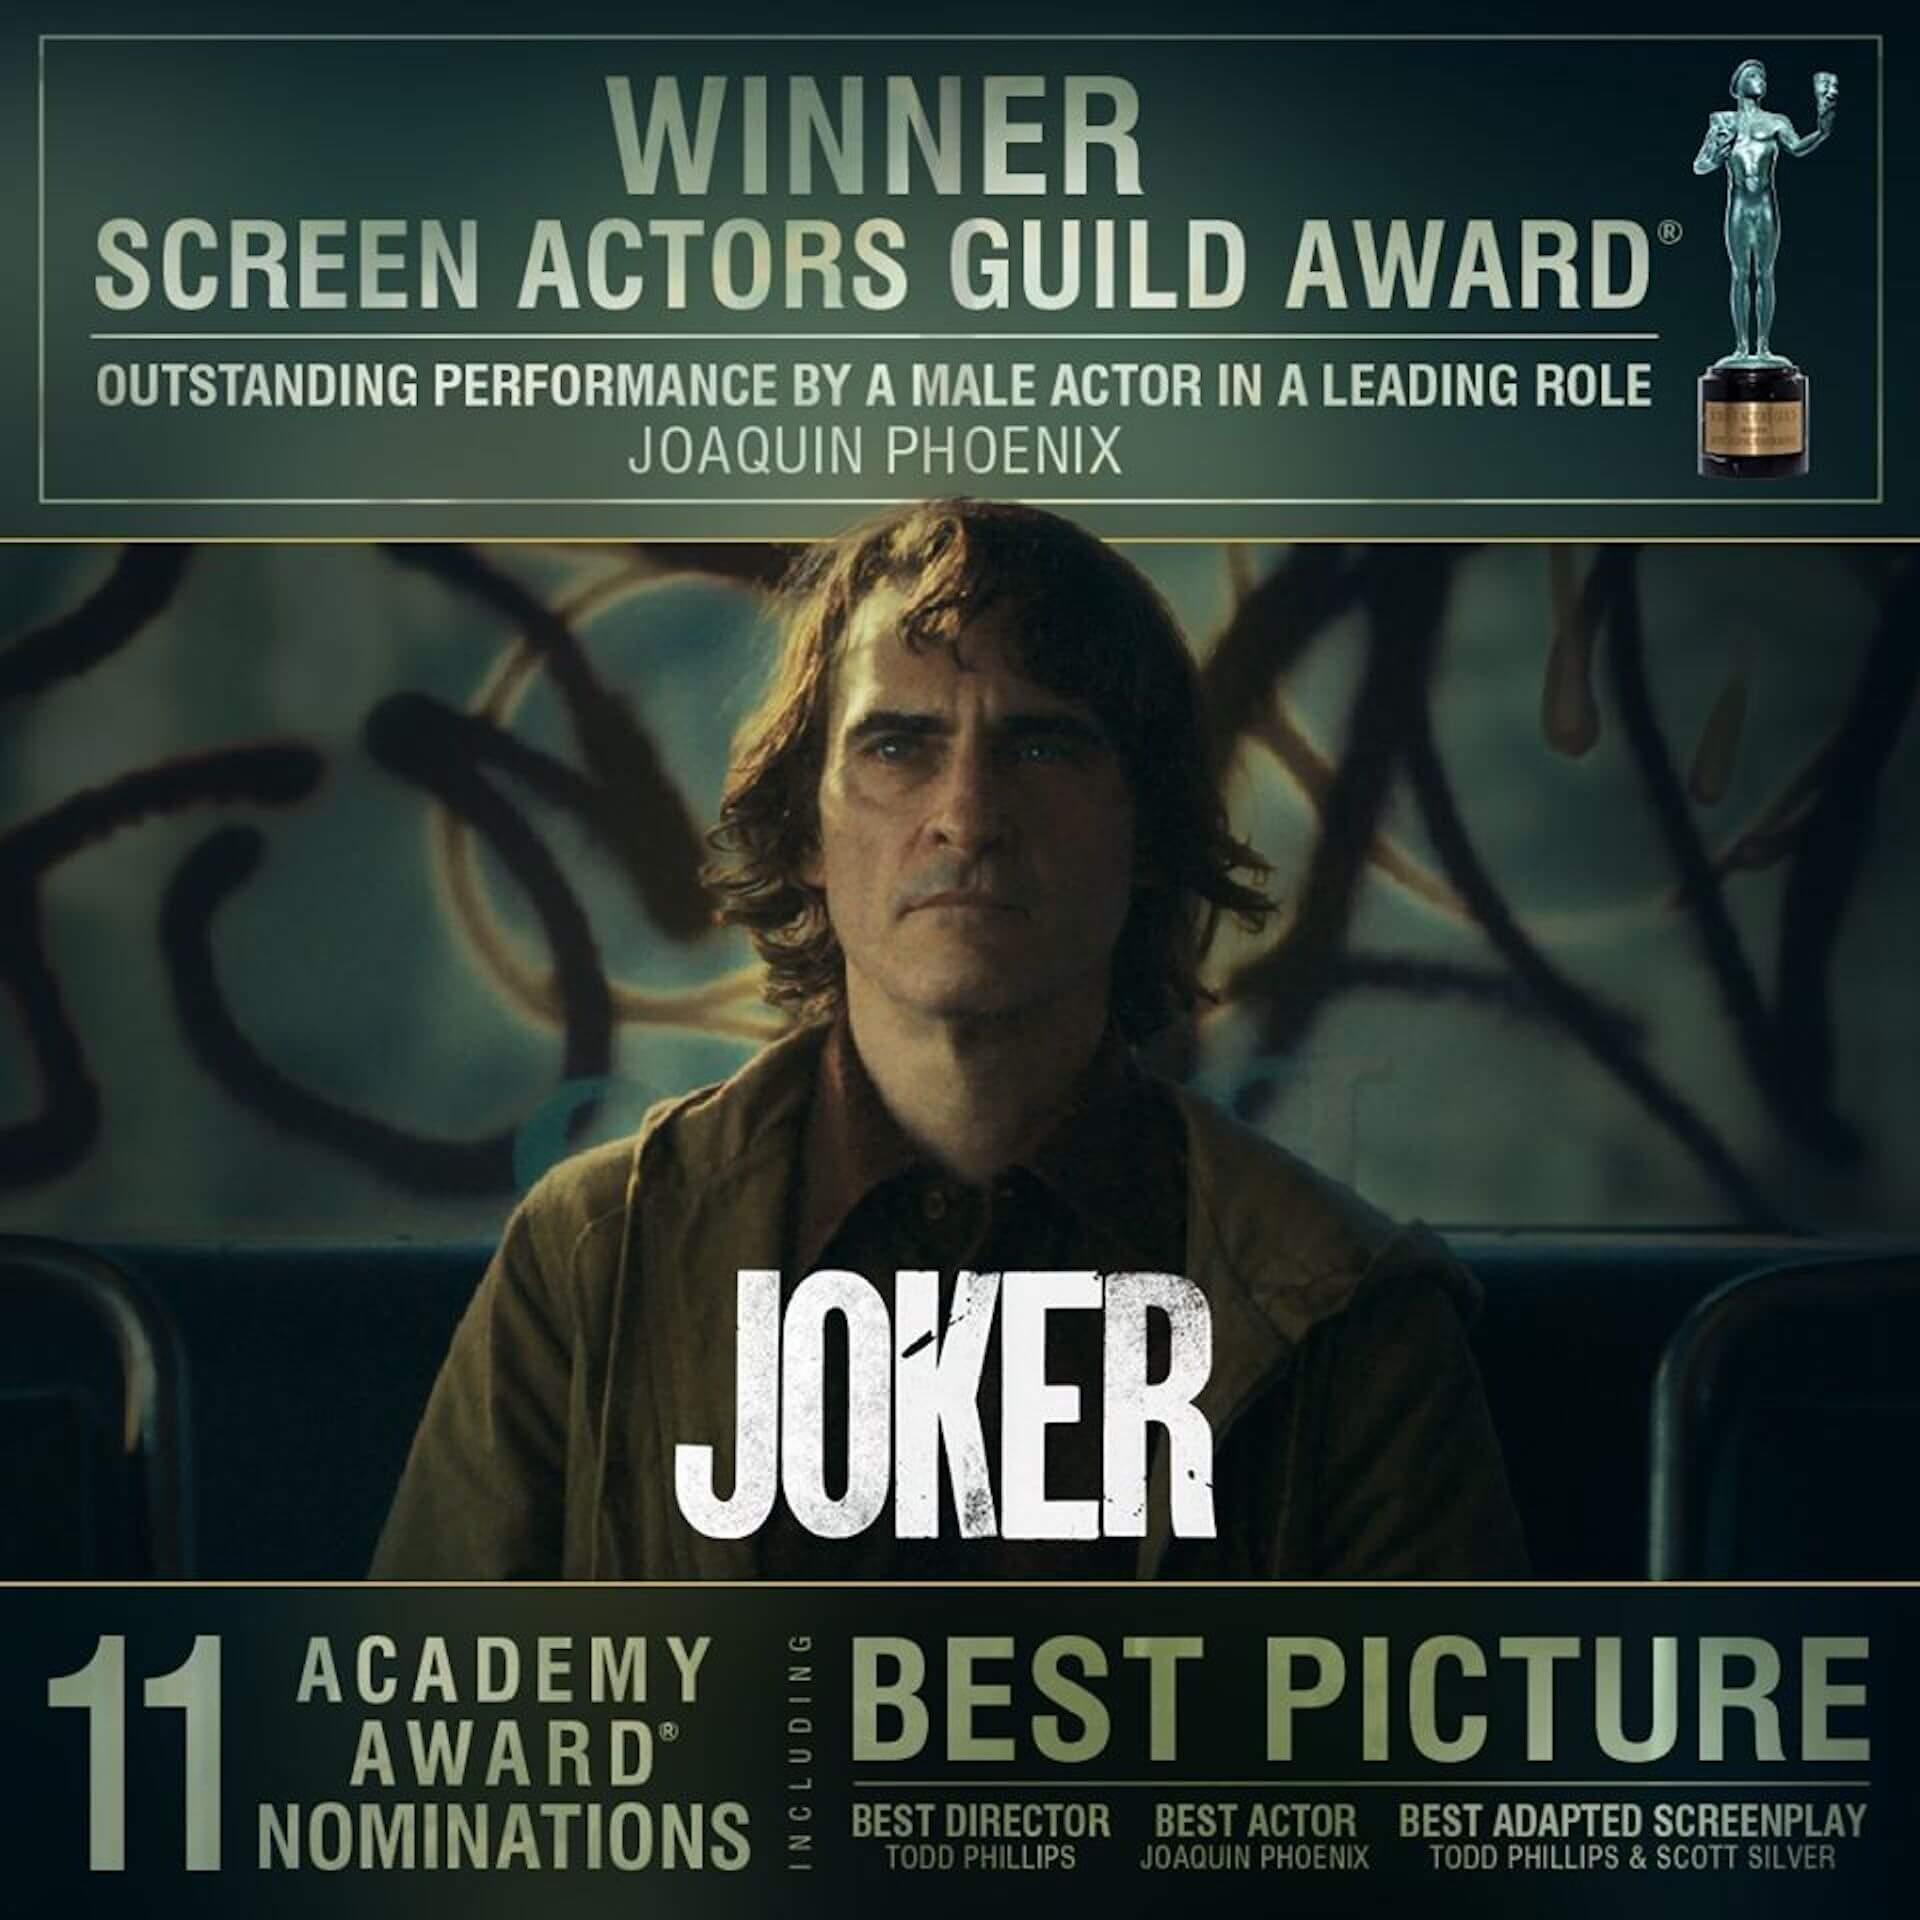 『ジョーカー』ホアキン・フェニックス、アカデミー賞に最も近いSAGアワードで主演男優賞受賞!ヒース・レジャーへ向けた感動的なスピーチも film200120_joker_joaquin_main